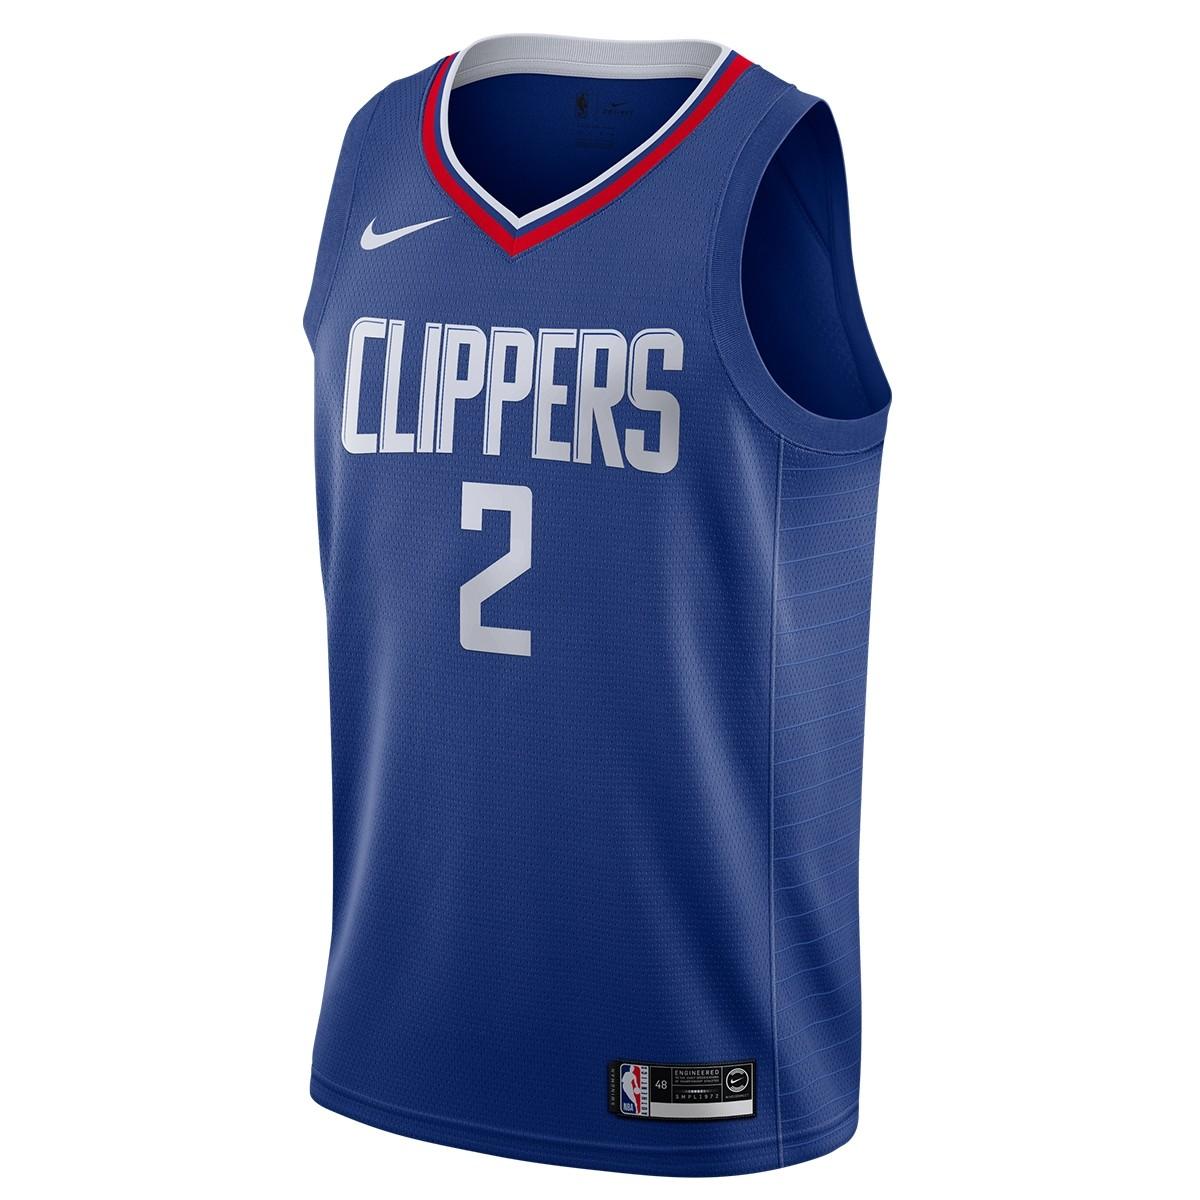 Nike NBA Clippers Swingman Jersey Kawhi Leonard 'Icon Edition'